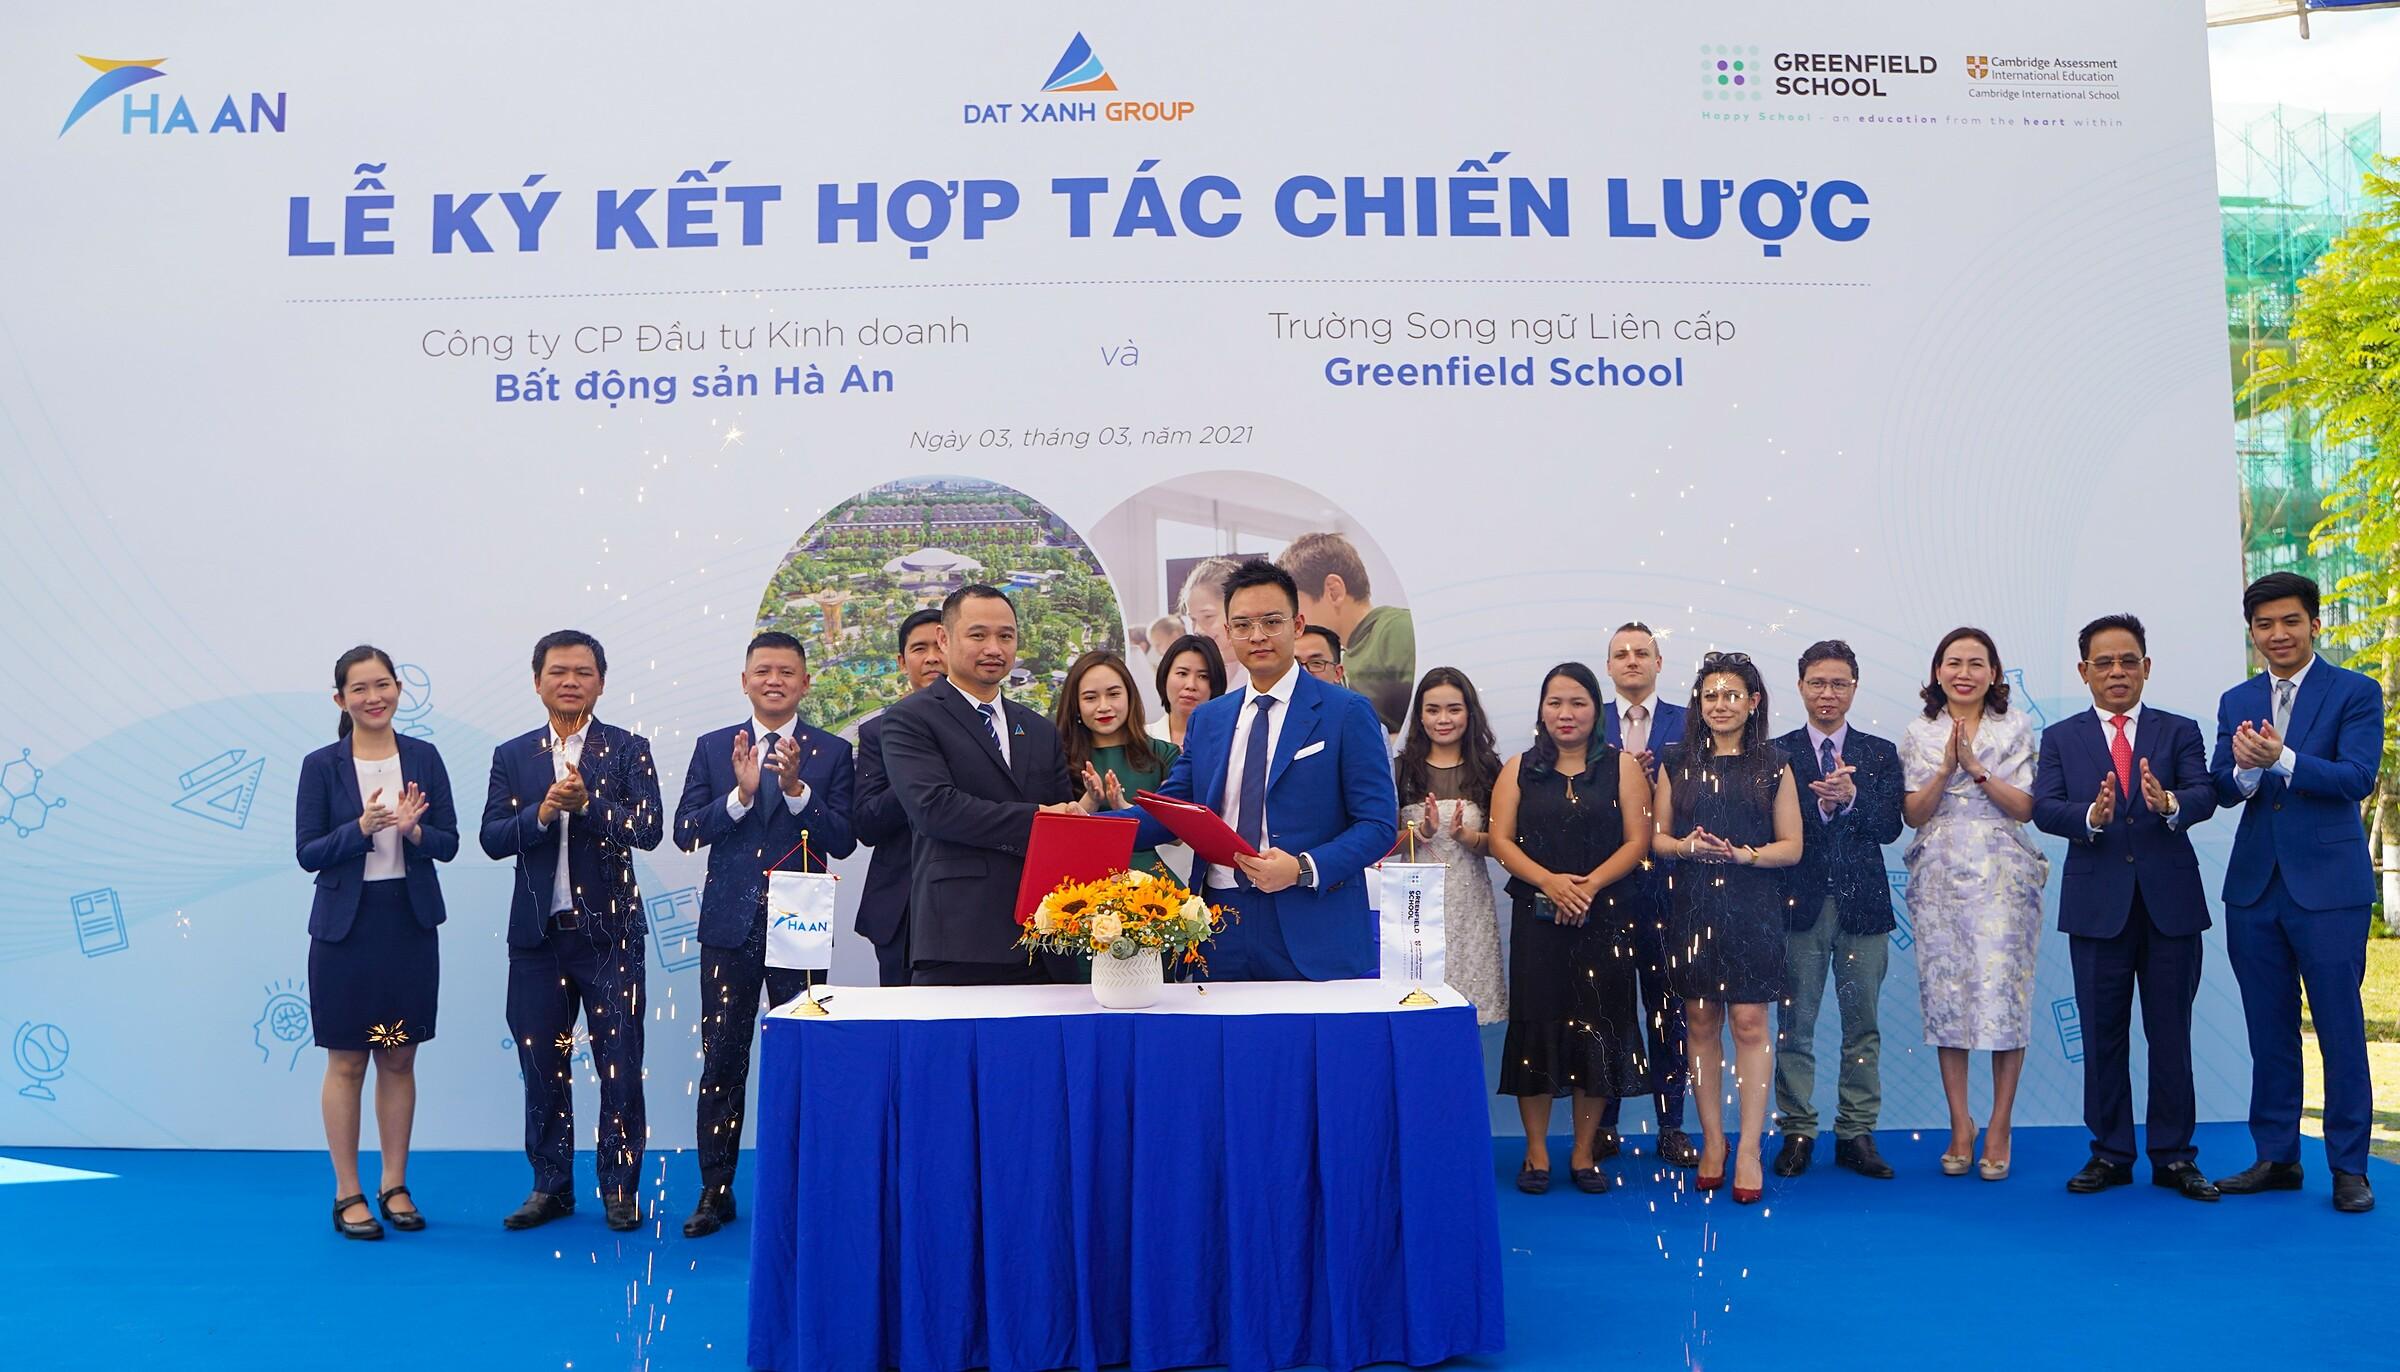 Lễ ký kết hợp tác chiến lược giữa chủ đầu tư khu đô thị Gem Sky World 92 ha tại Long Thành và Hệ thống giáo dục Greenfield School sáng ngày 3/3. Ảnh: Hoàng Nam.